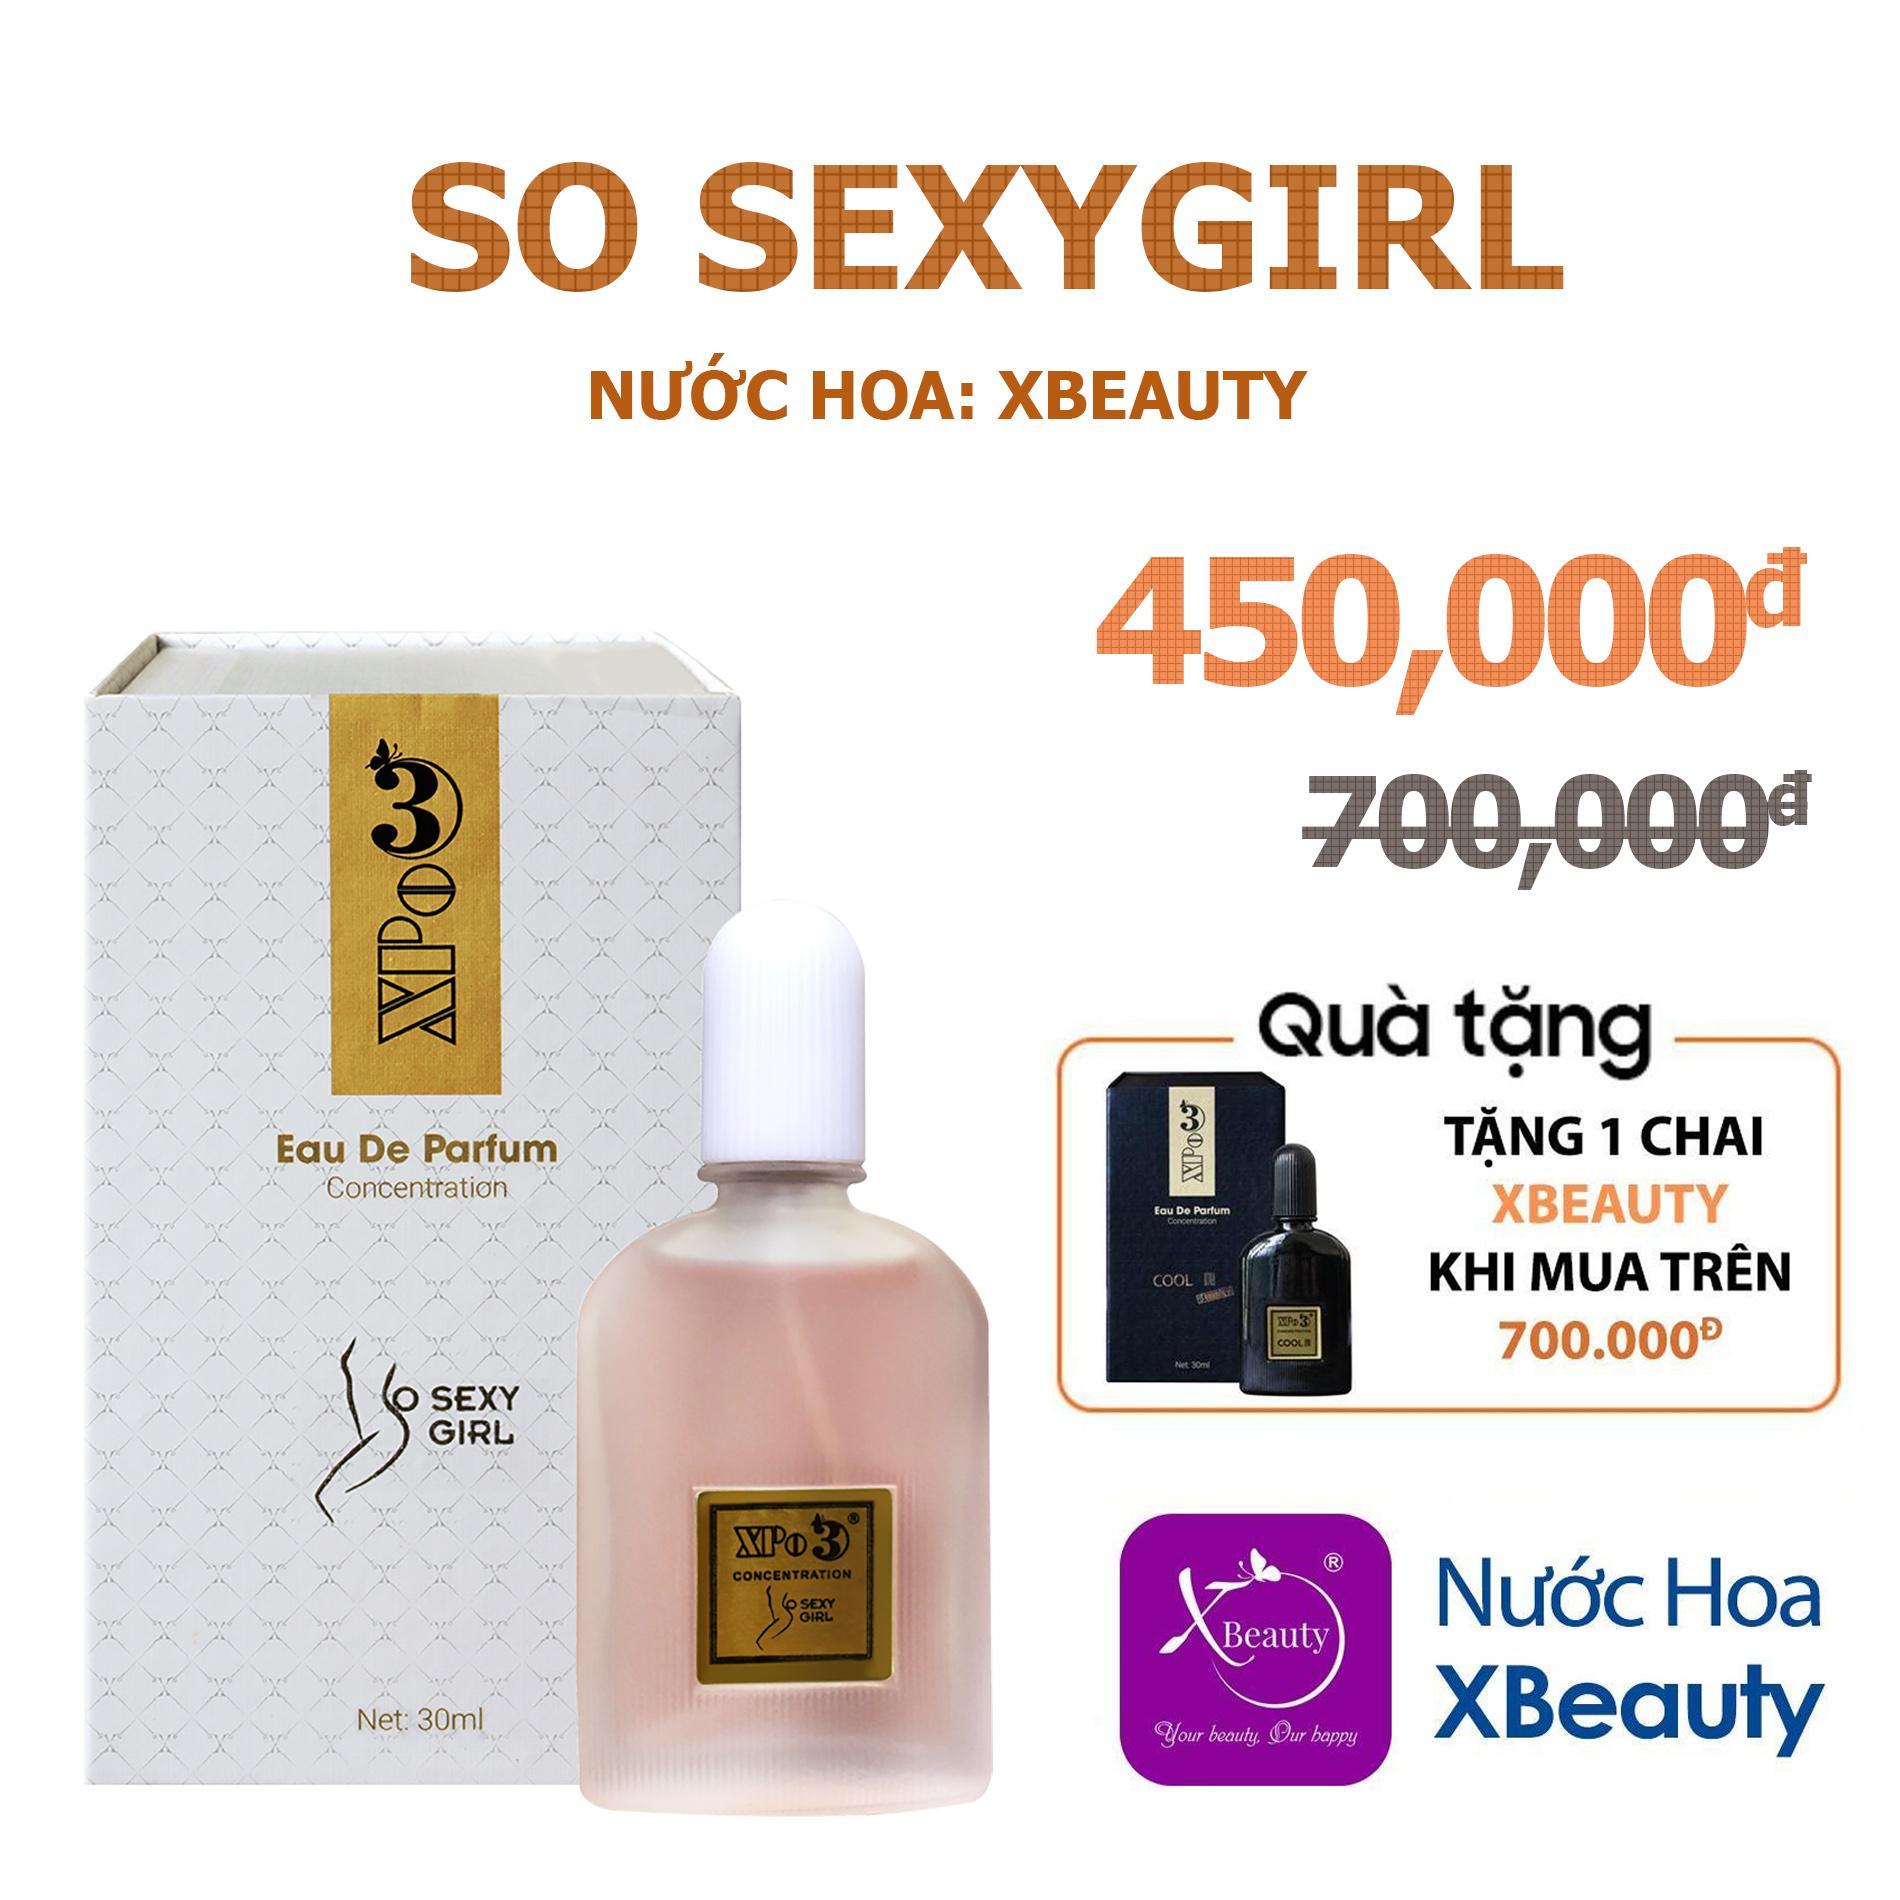 Nước hoa Nữ XBeauty XPo3 So S3xy Girl 30ml (GTIN: 8938511722024). Nước hoa cô đặc thơm lâu dành cho Nữ